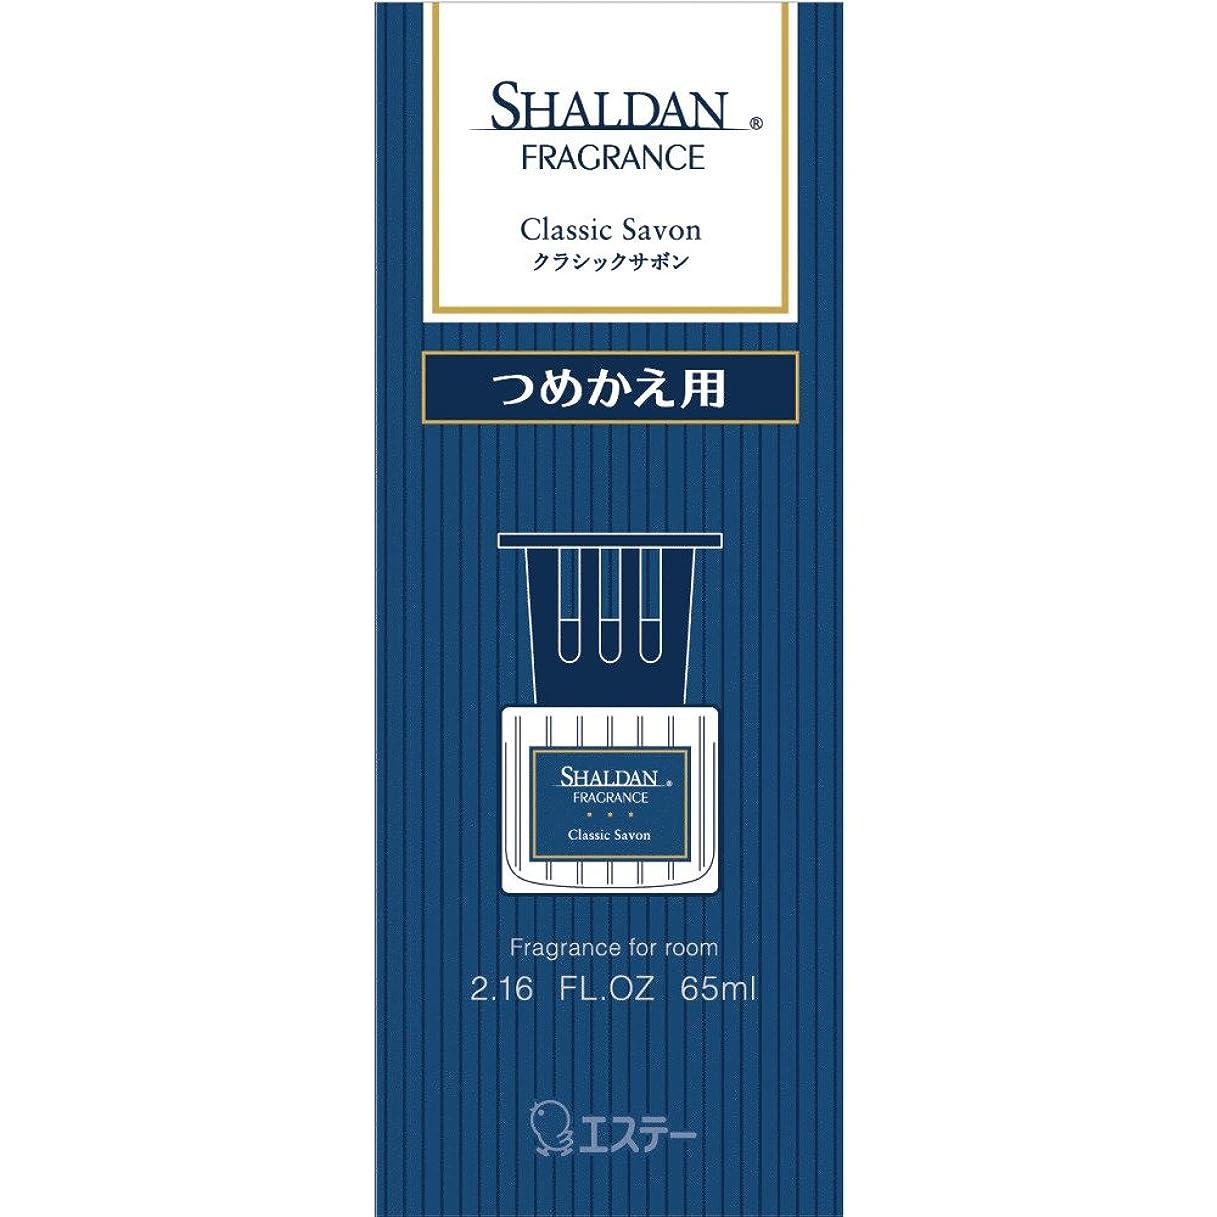 探す概要隔離するシャルダン SHALDAN フレグランス 消臭芳香剤 部屋用 つめかえ クラシックサボン 65ml